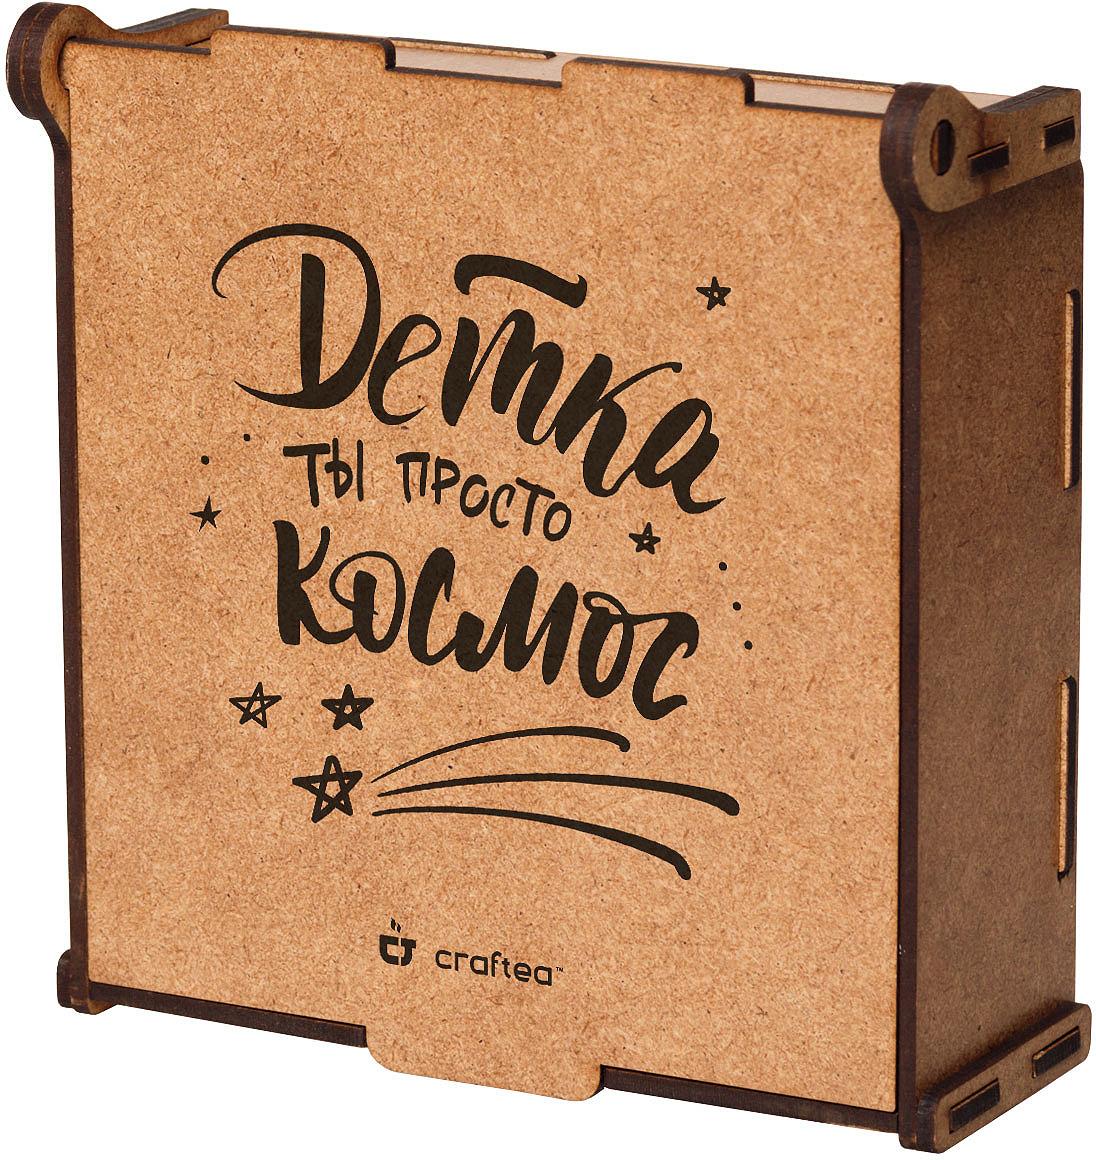 Подарочный чайный набор CrafTea Детка ты просто космос, в деревянной шкатулке подарочный чайный набор craftea honey